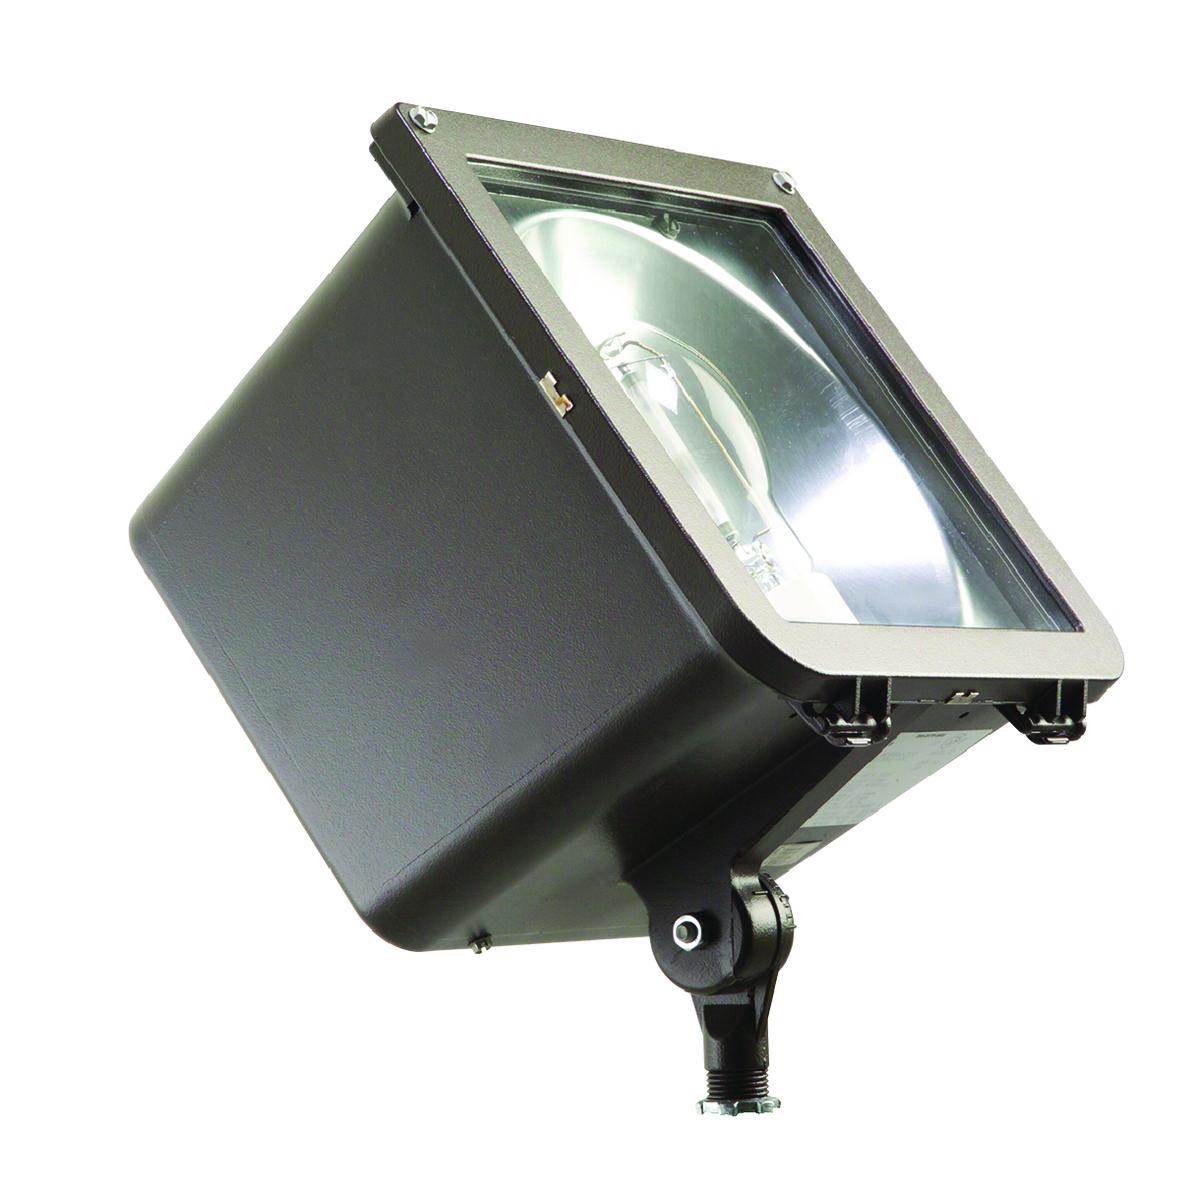 Metal Halide Outdoor Lighting Microliter brand hubbell outdoor lighting microliter by hubbell outdoor lighting workwithnaturefo